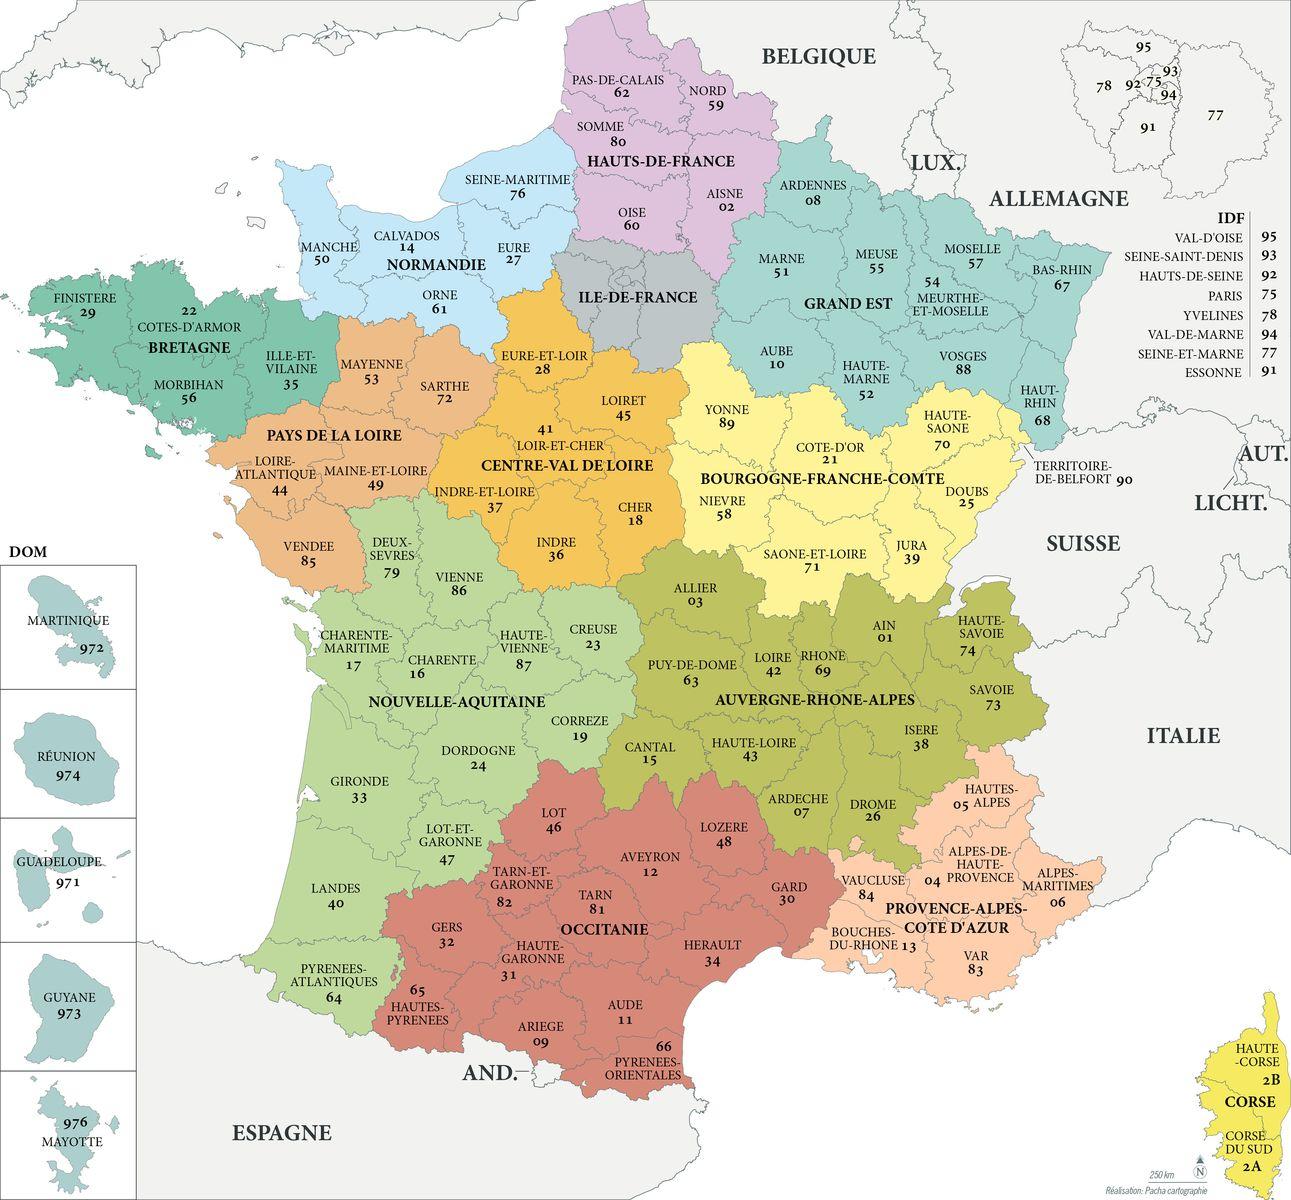 Fonds De Carte France - Les Limites Administratives - Pacha concernant Carte Région France 2017